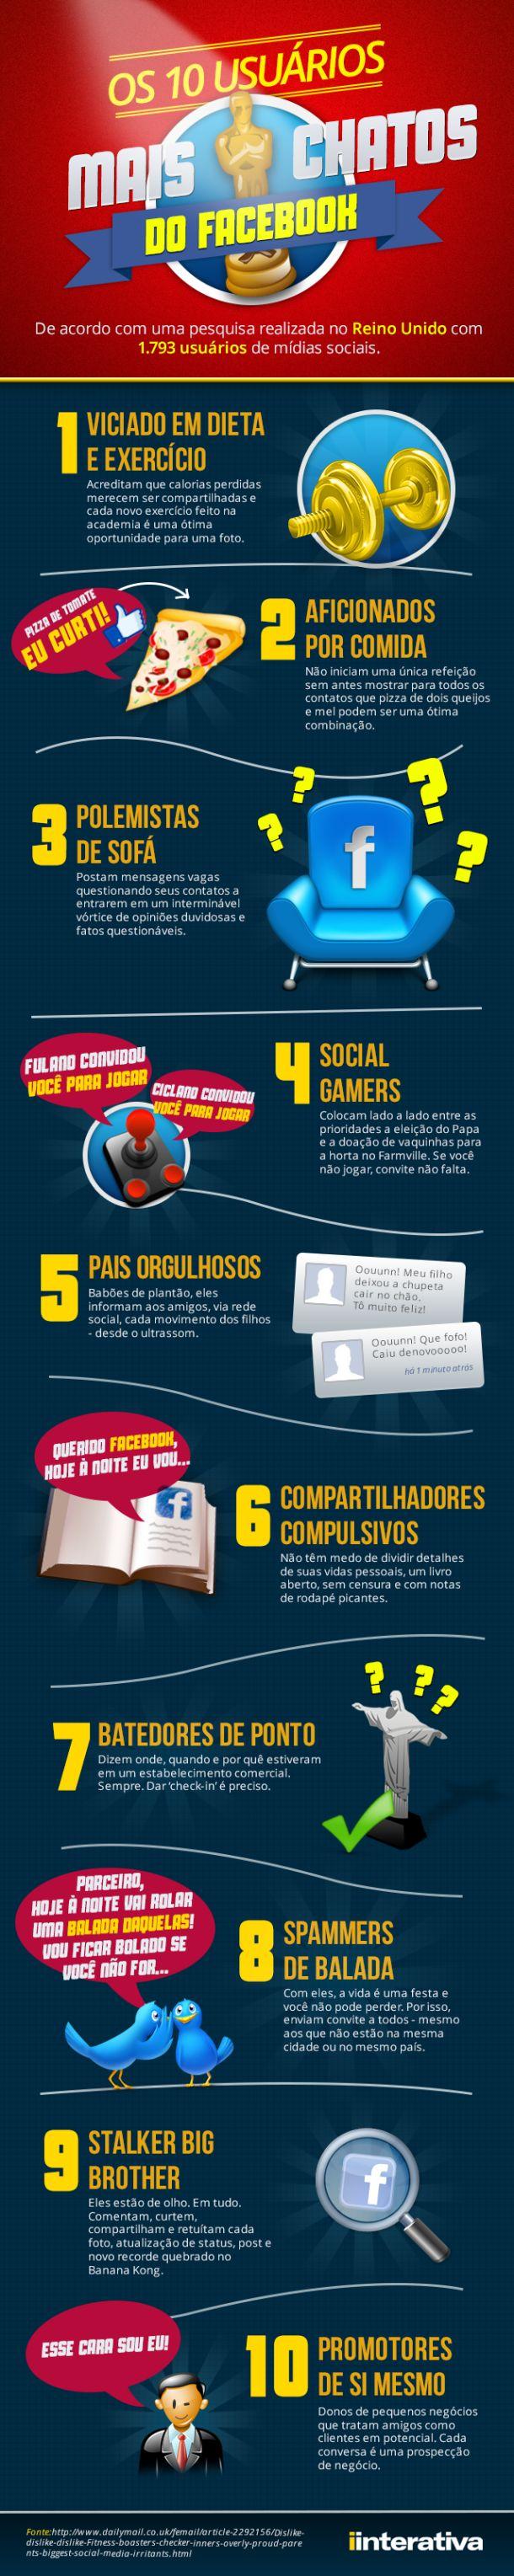 Infográfico | Os 10 usuários mais chatos do Facebook   Comunicadores